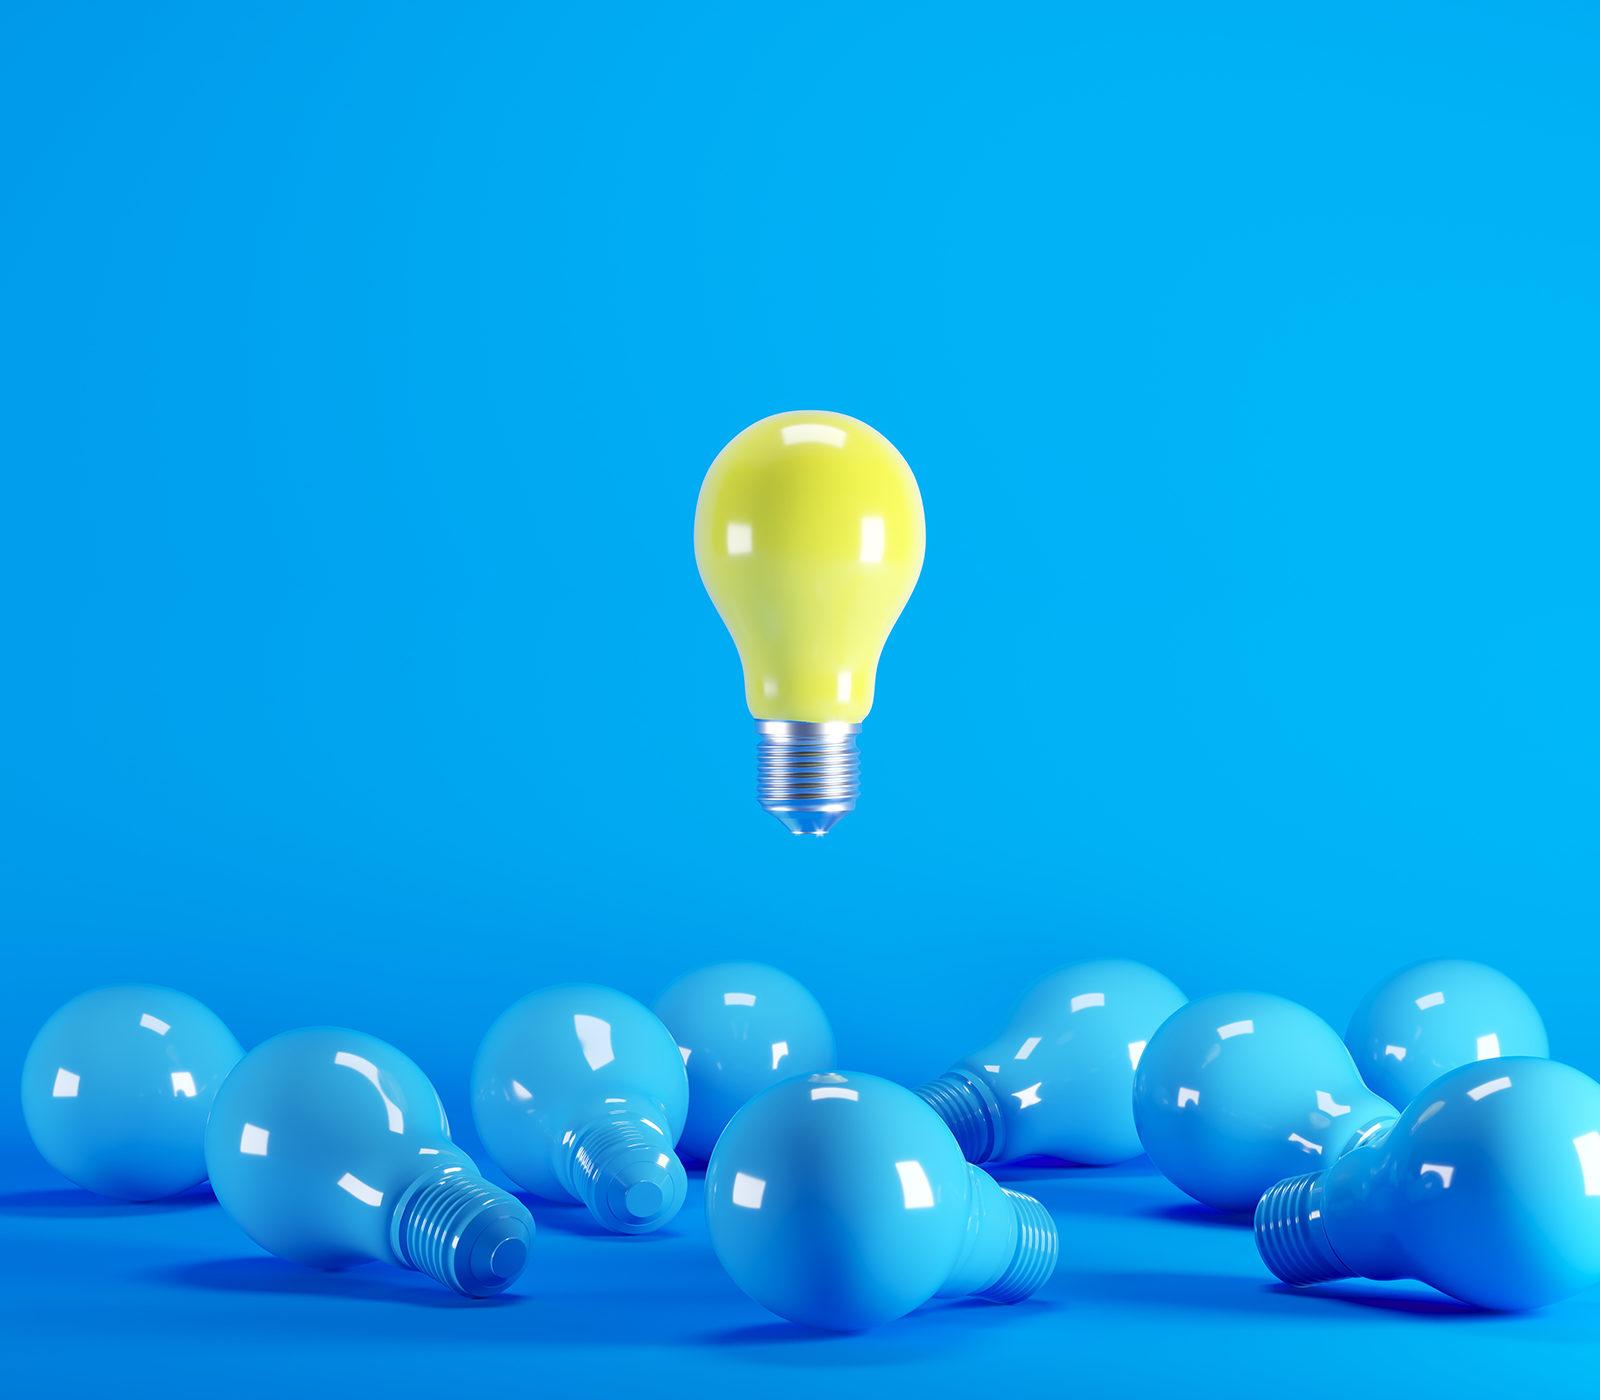 Lightbulb light amongst others